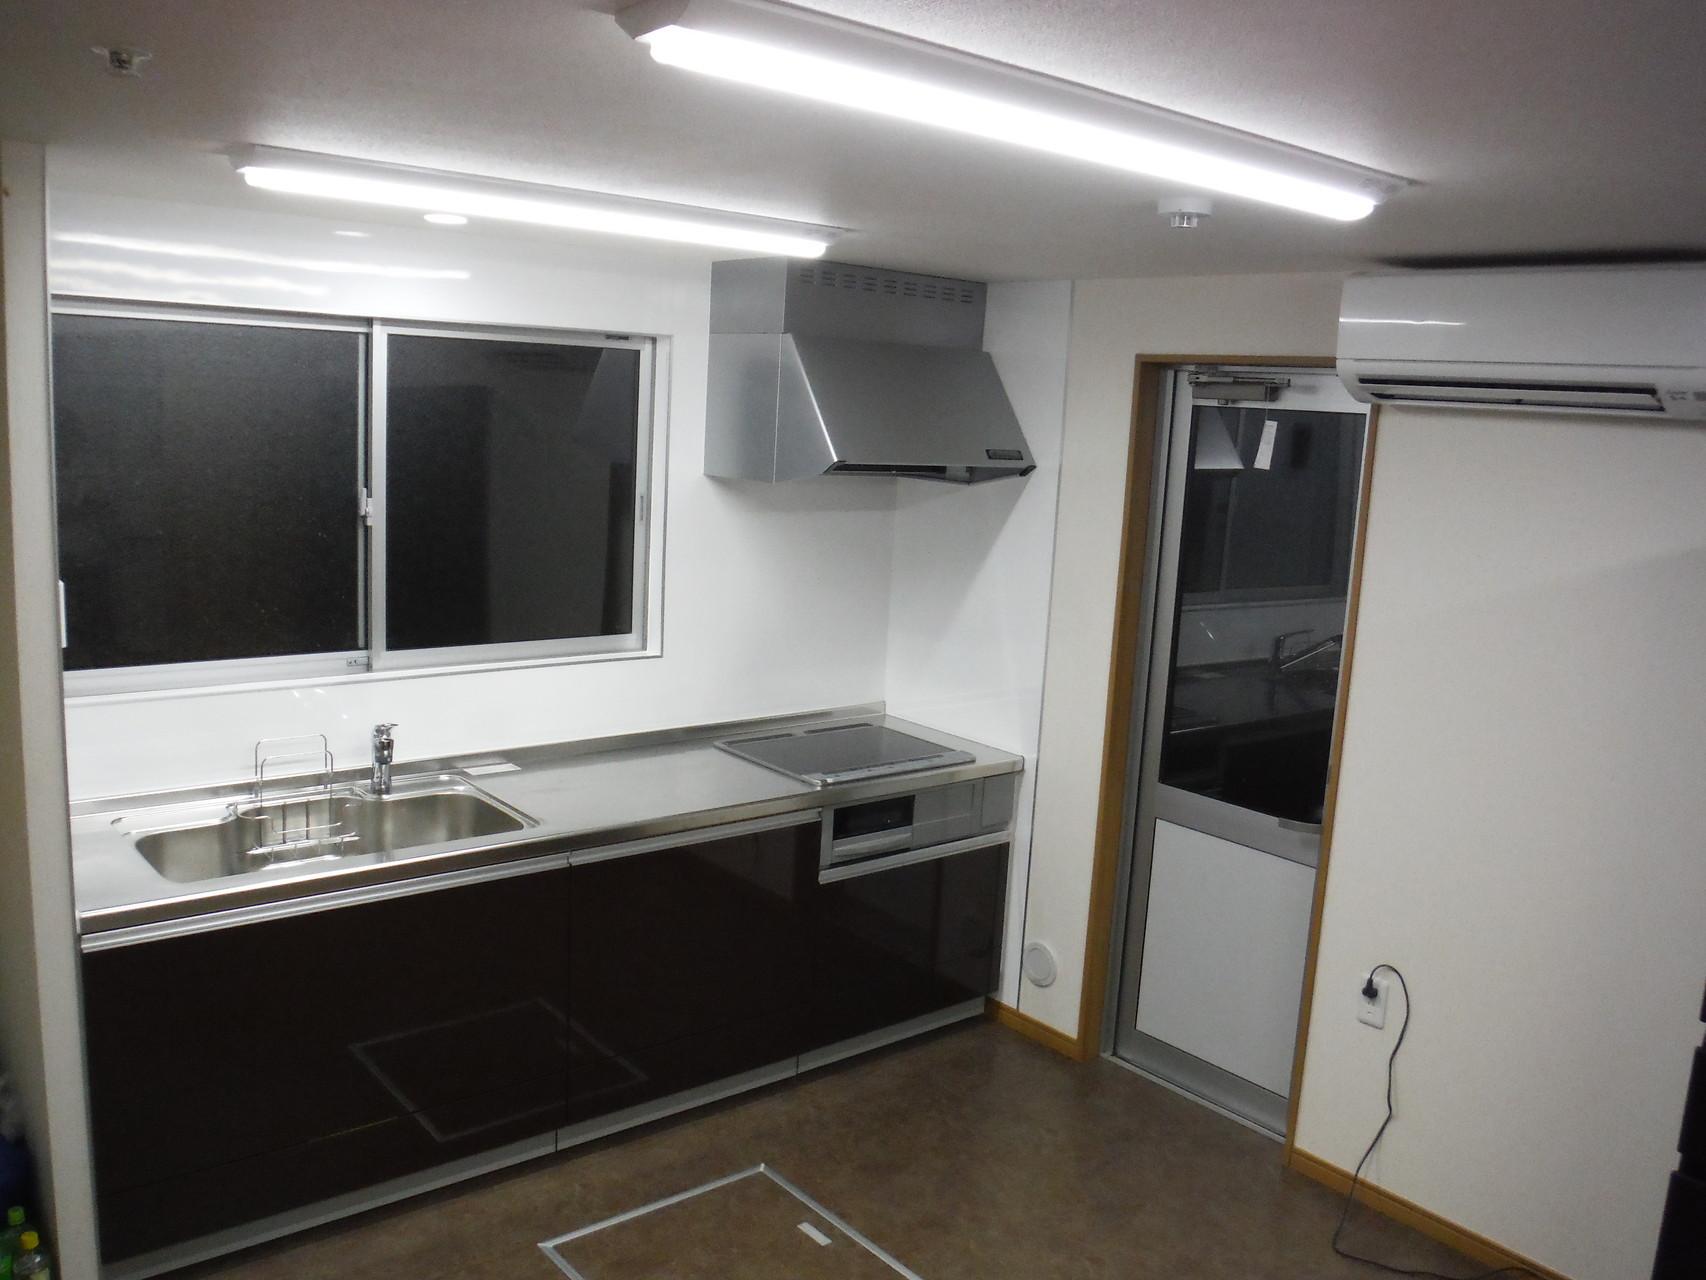 キッチン -作業しやすい広さを確保-